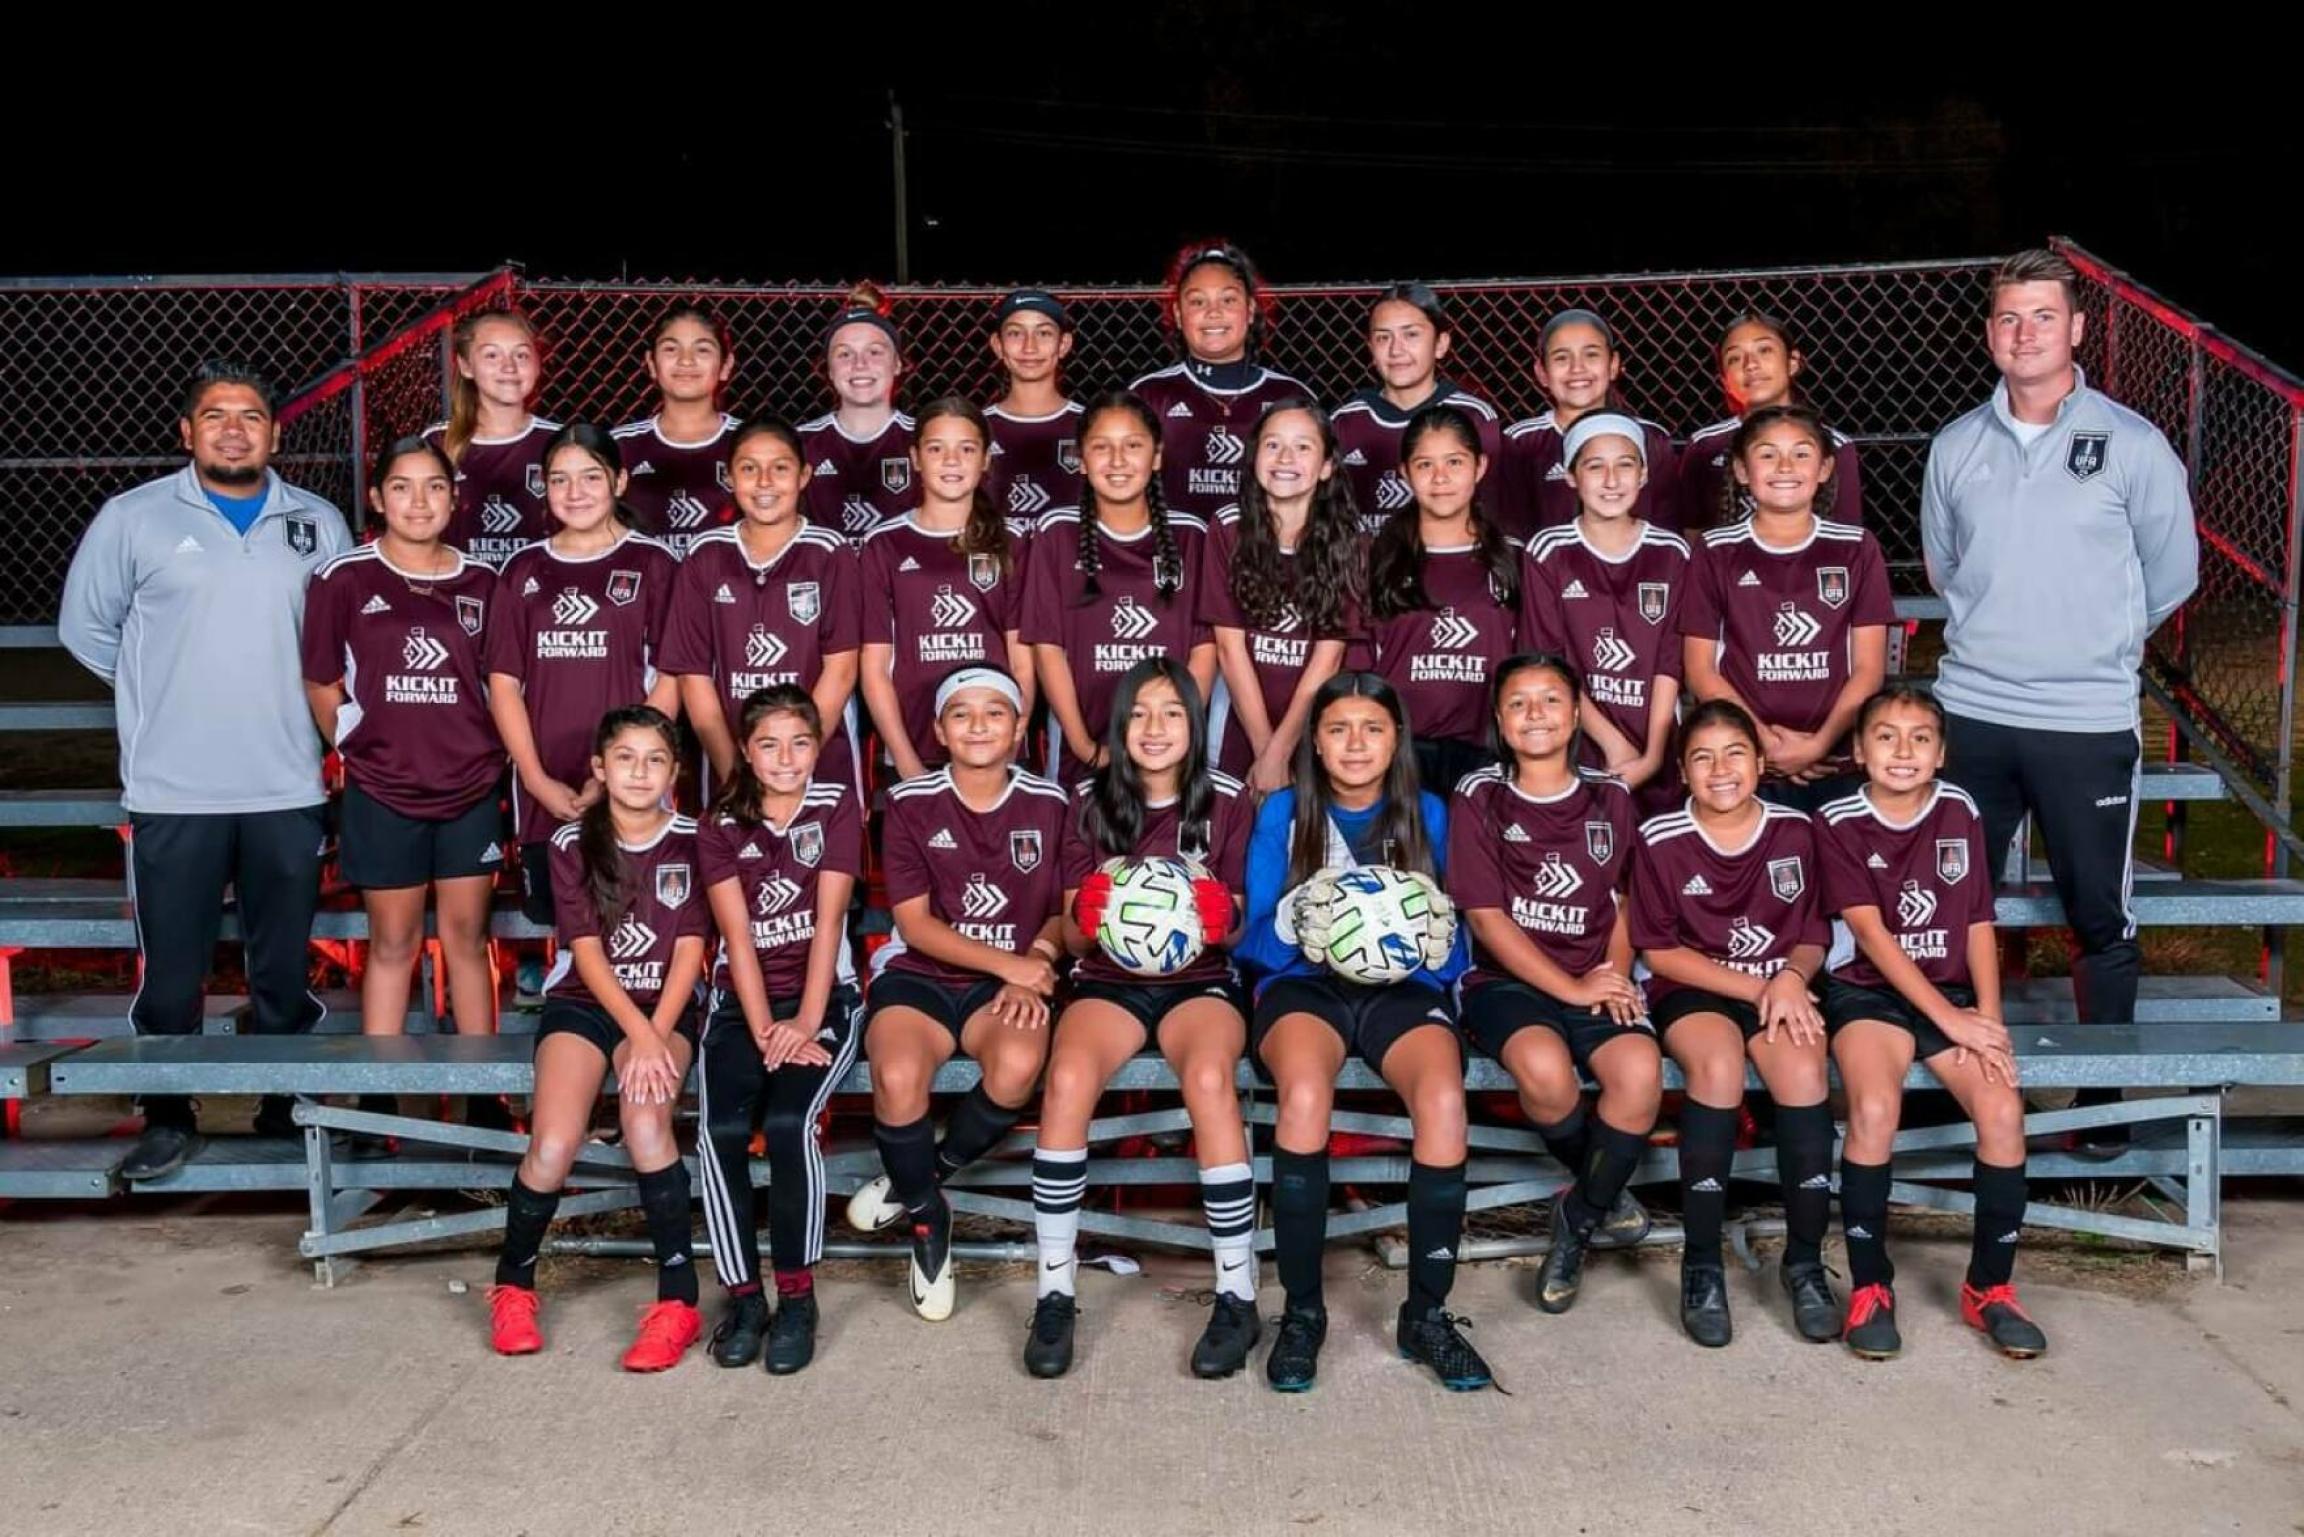 Jaime Leiva poses for a photo with his United Fútbol Academy team